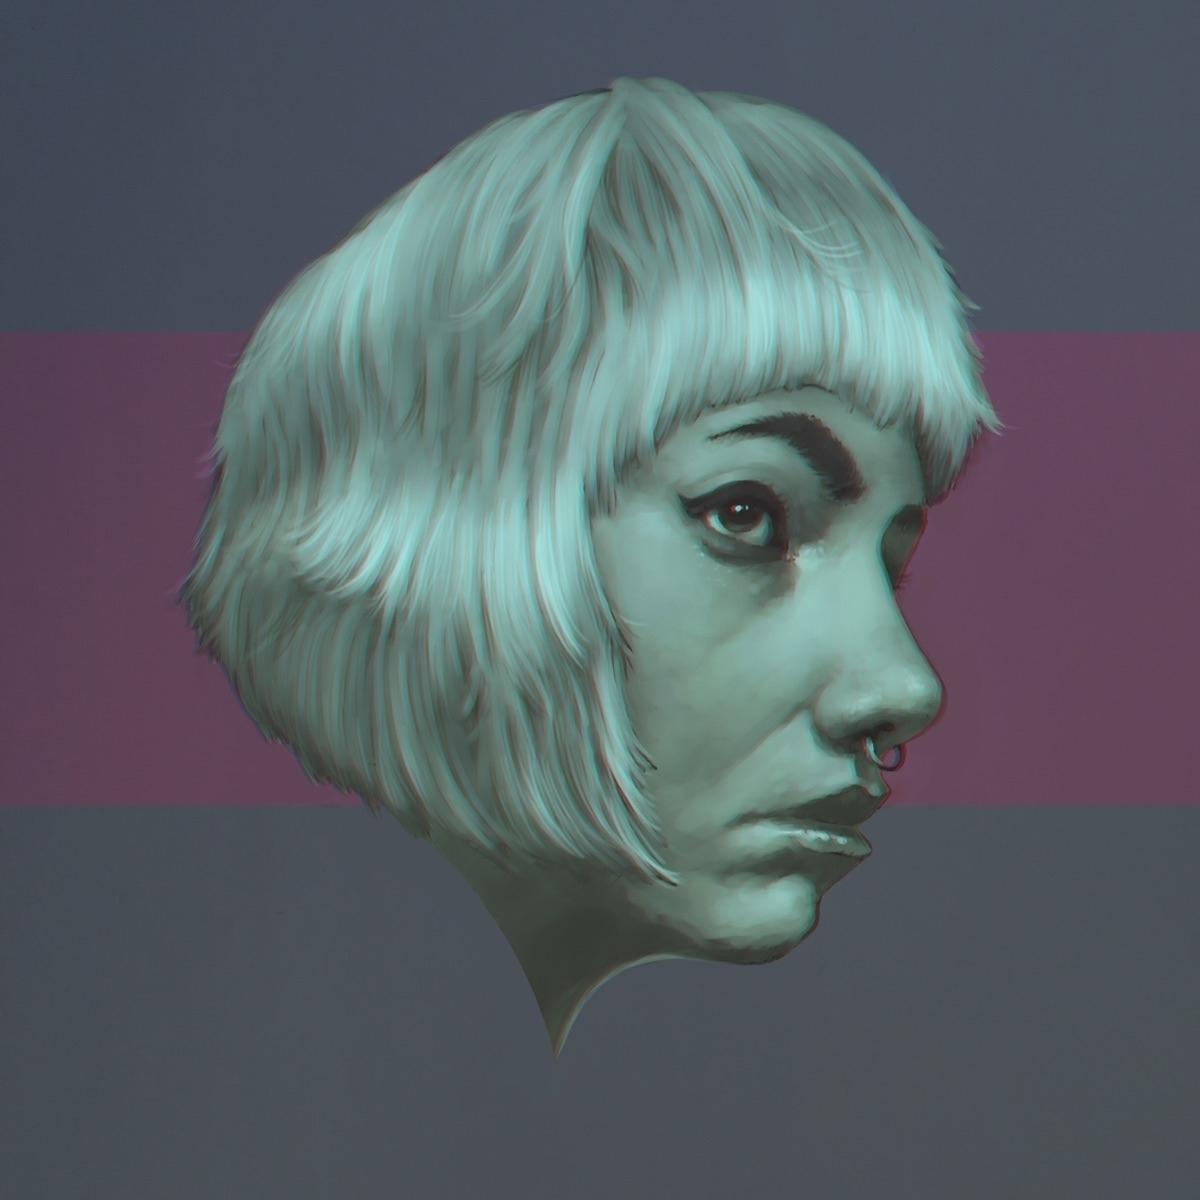 Finished digital portrait. Star - astrosim | ello